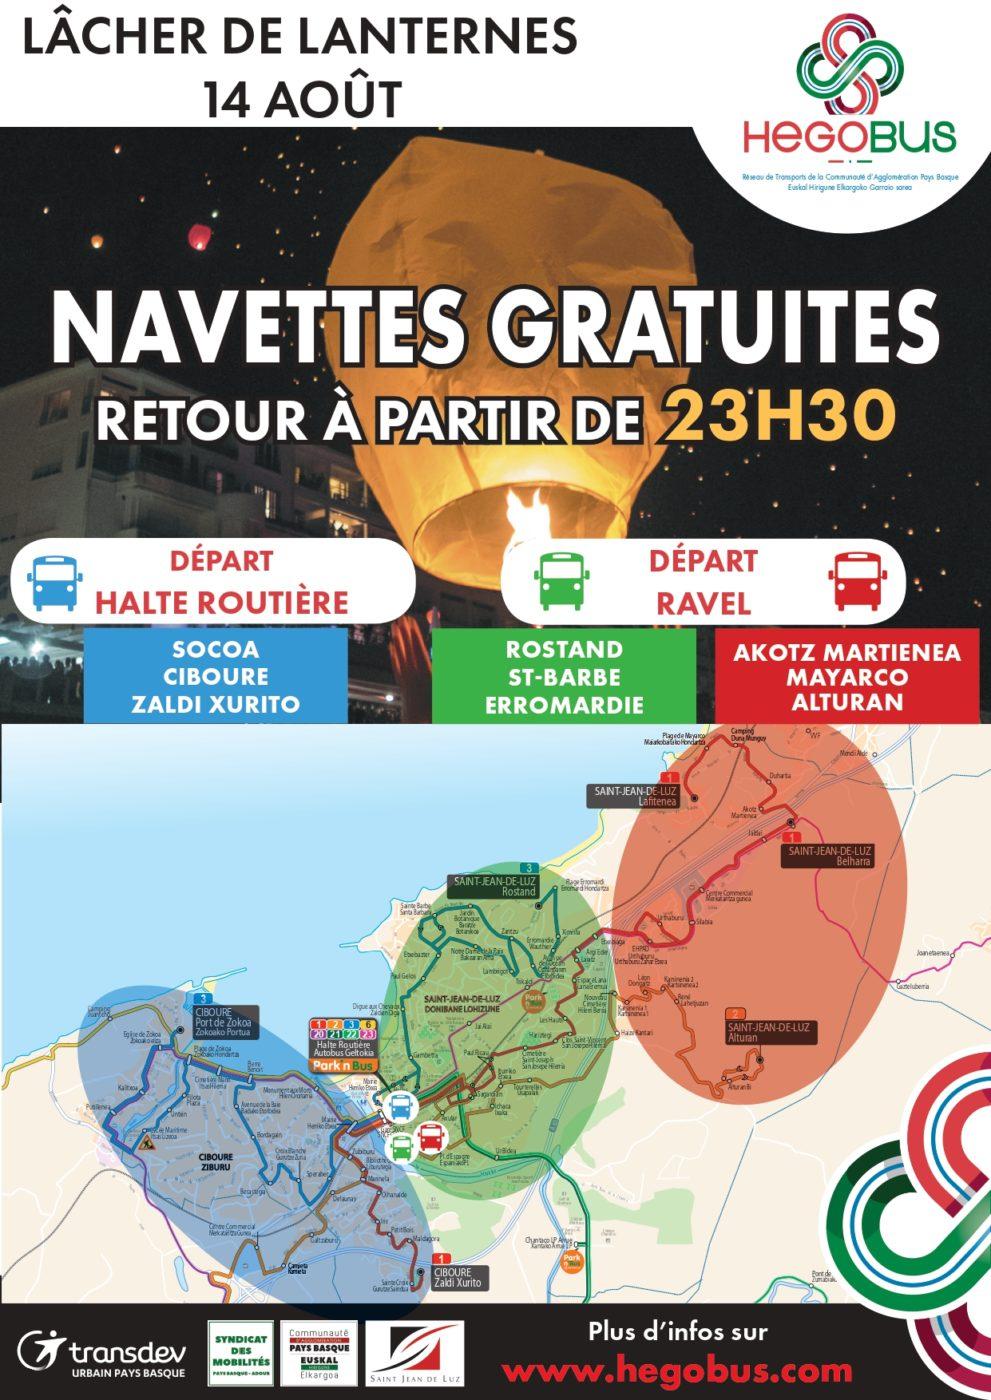 Affiche Navettes Gratuites Lacher Lanternes 14 Aout 2019